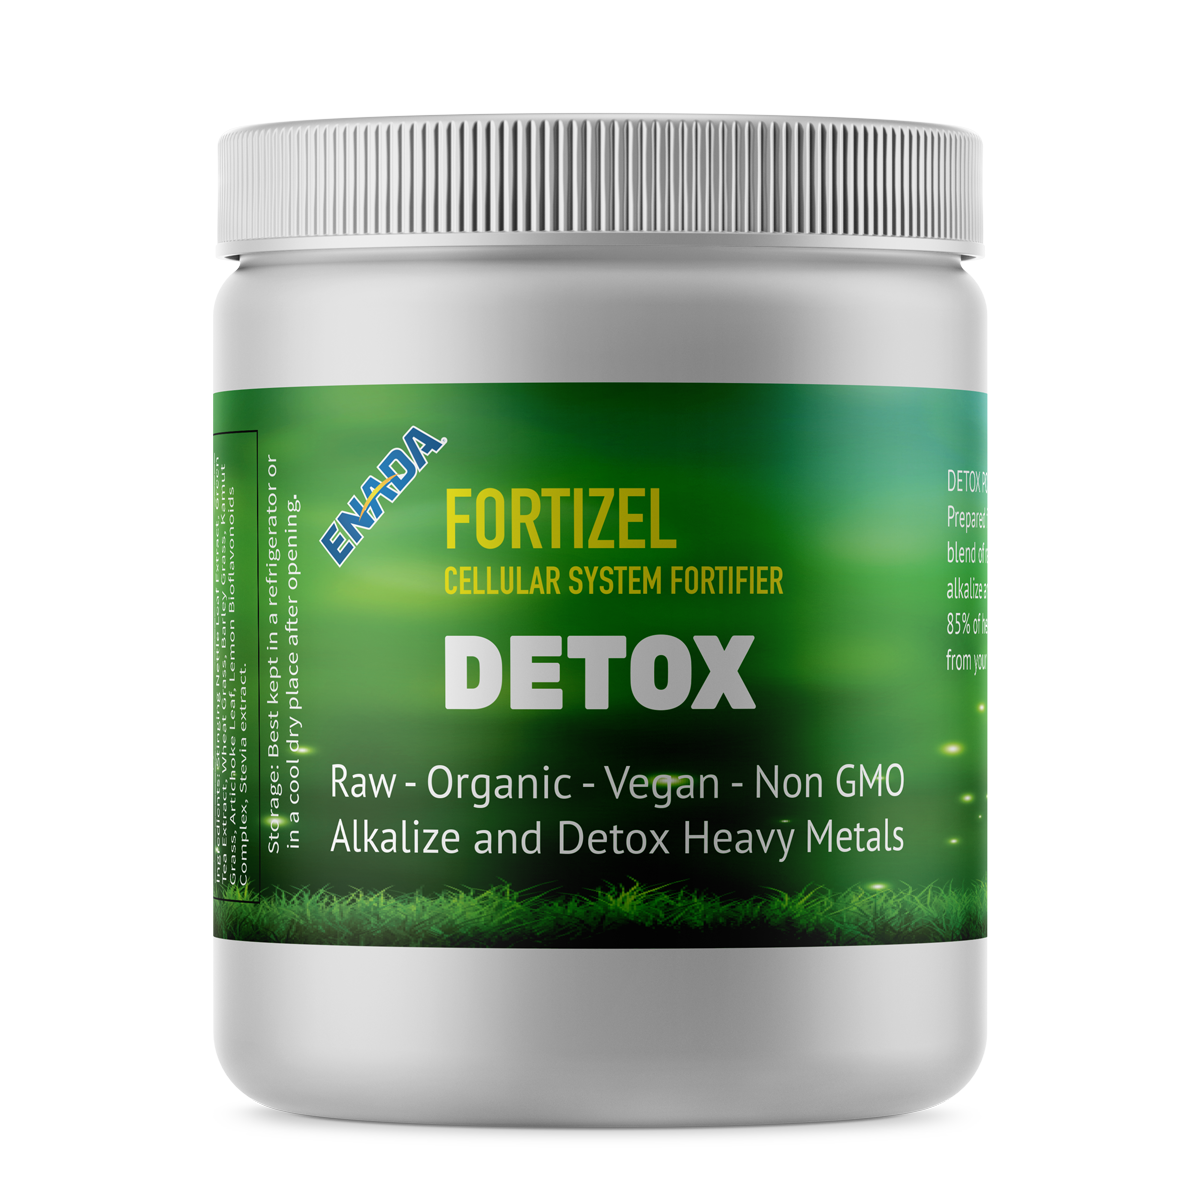 Fortizel Detox